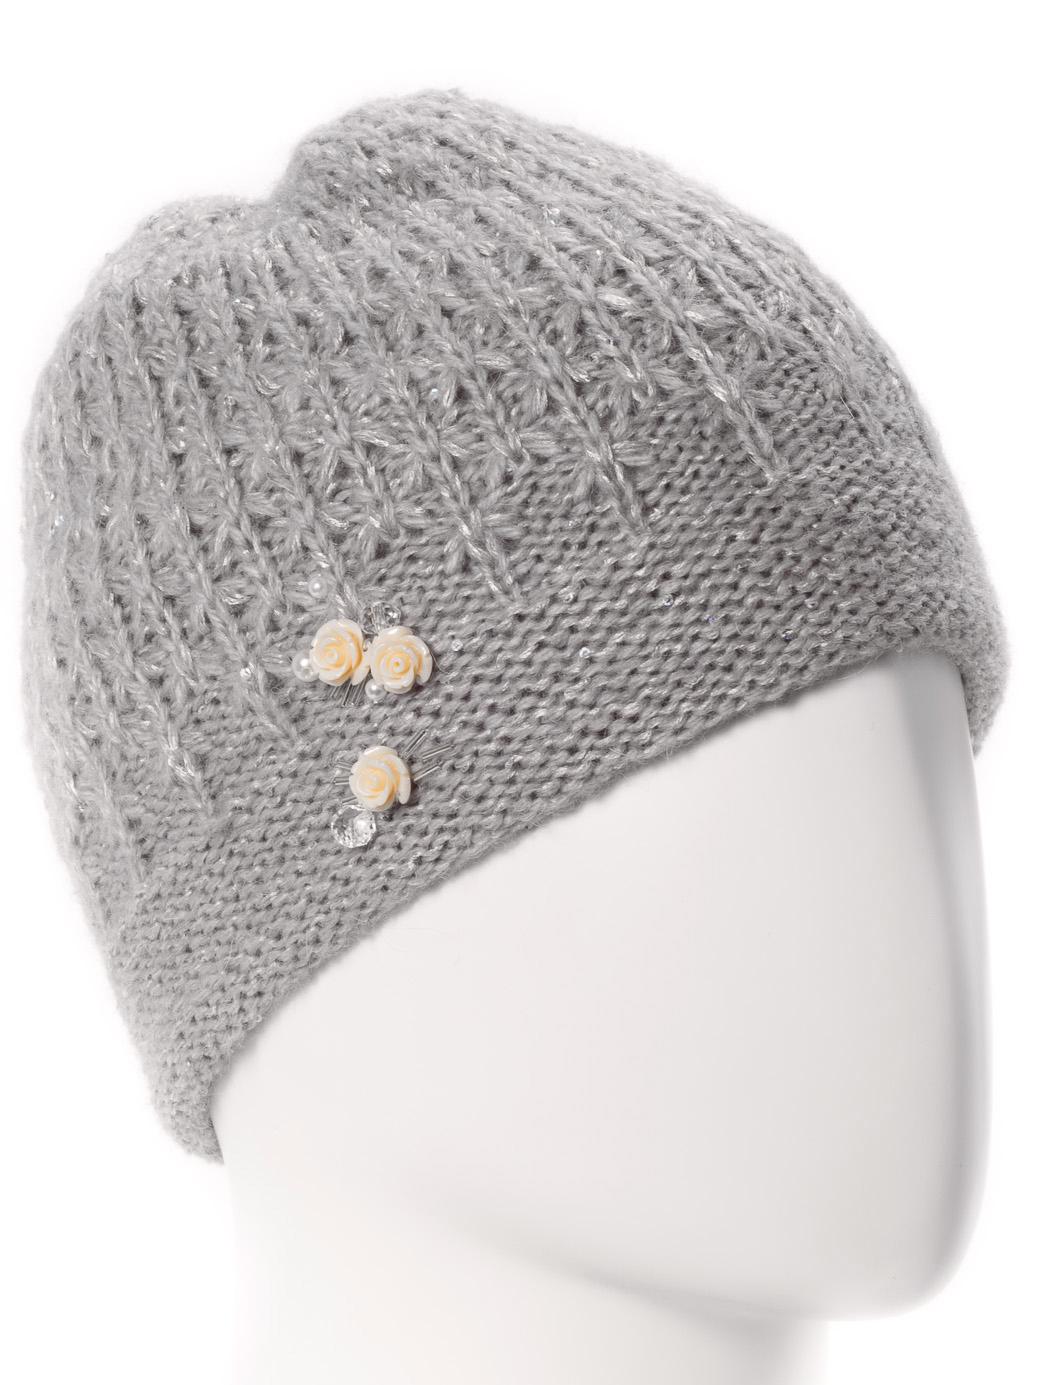 ШапкаШапки<br>Стильная шапка защитит Вас от непогоды и станет прекрасным дополнением Вашего образа.  В изделии использованы цвета: серый<br><br>По материалу: Вязаные<br>По рисунку: Однотонные<br>По сезону: Зима<br>Размер : universal<br>Материал: Вязаное полотно<br>Количество в наличии: 1